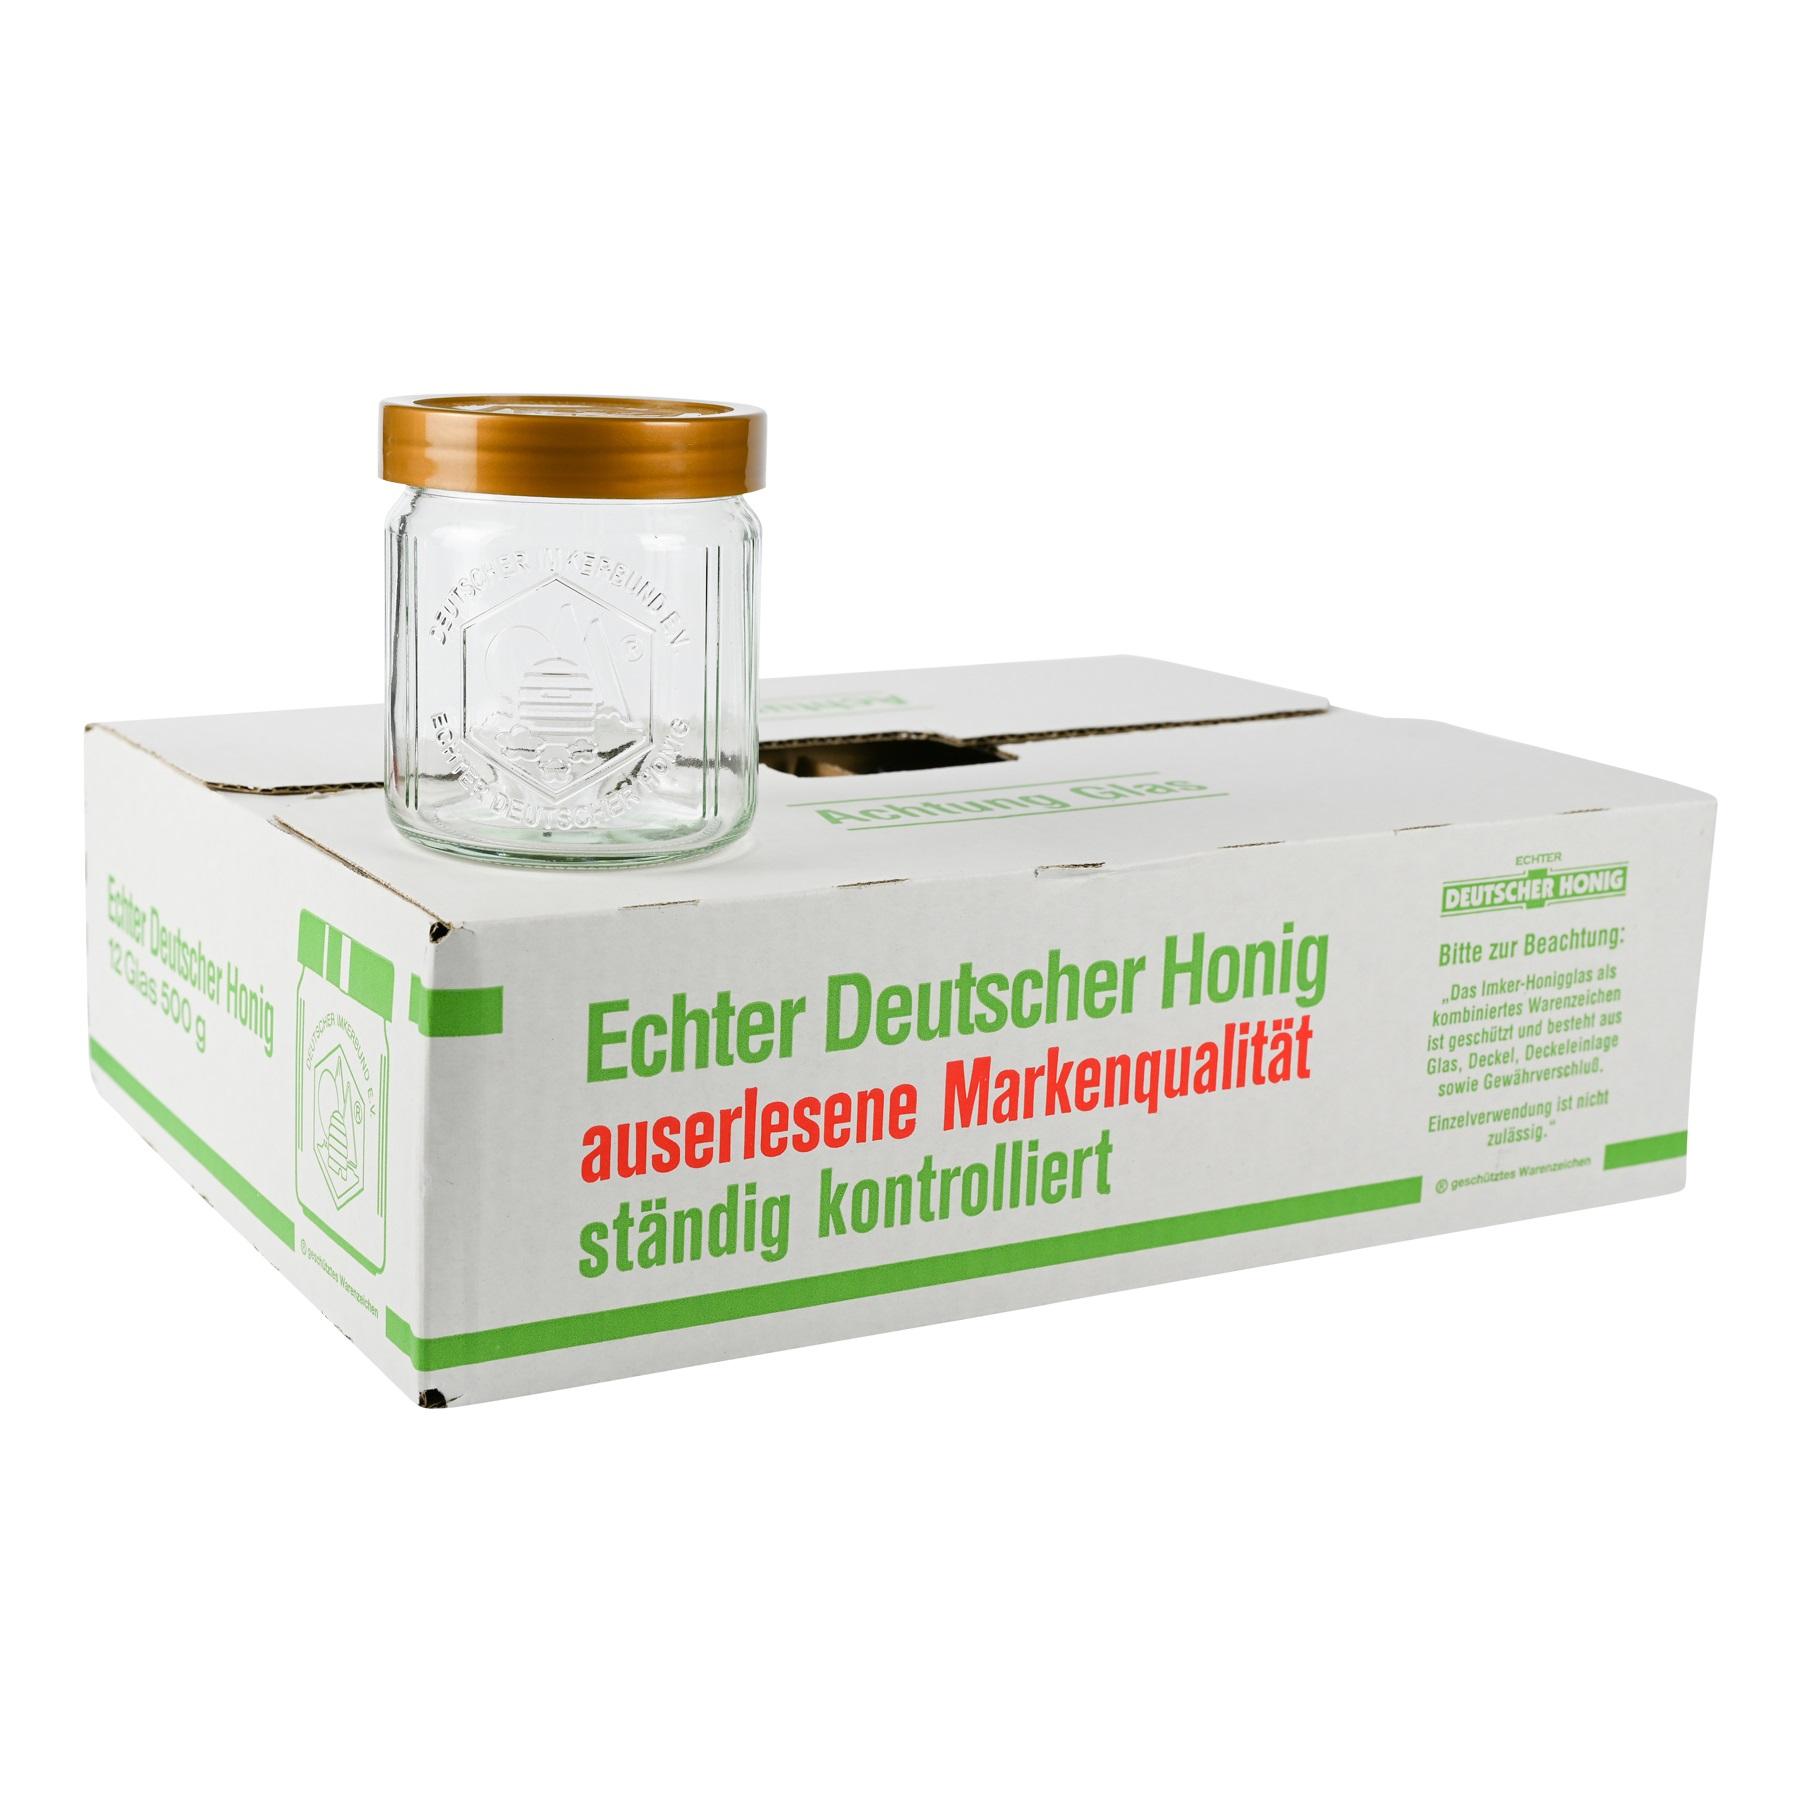 DIB - Glas 500 g  inkl. Deckel im Umkarton 108 St. frei Haus innerhalb Deutschlands versendet